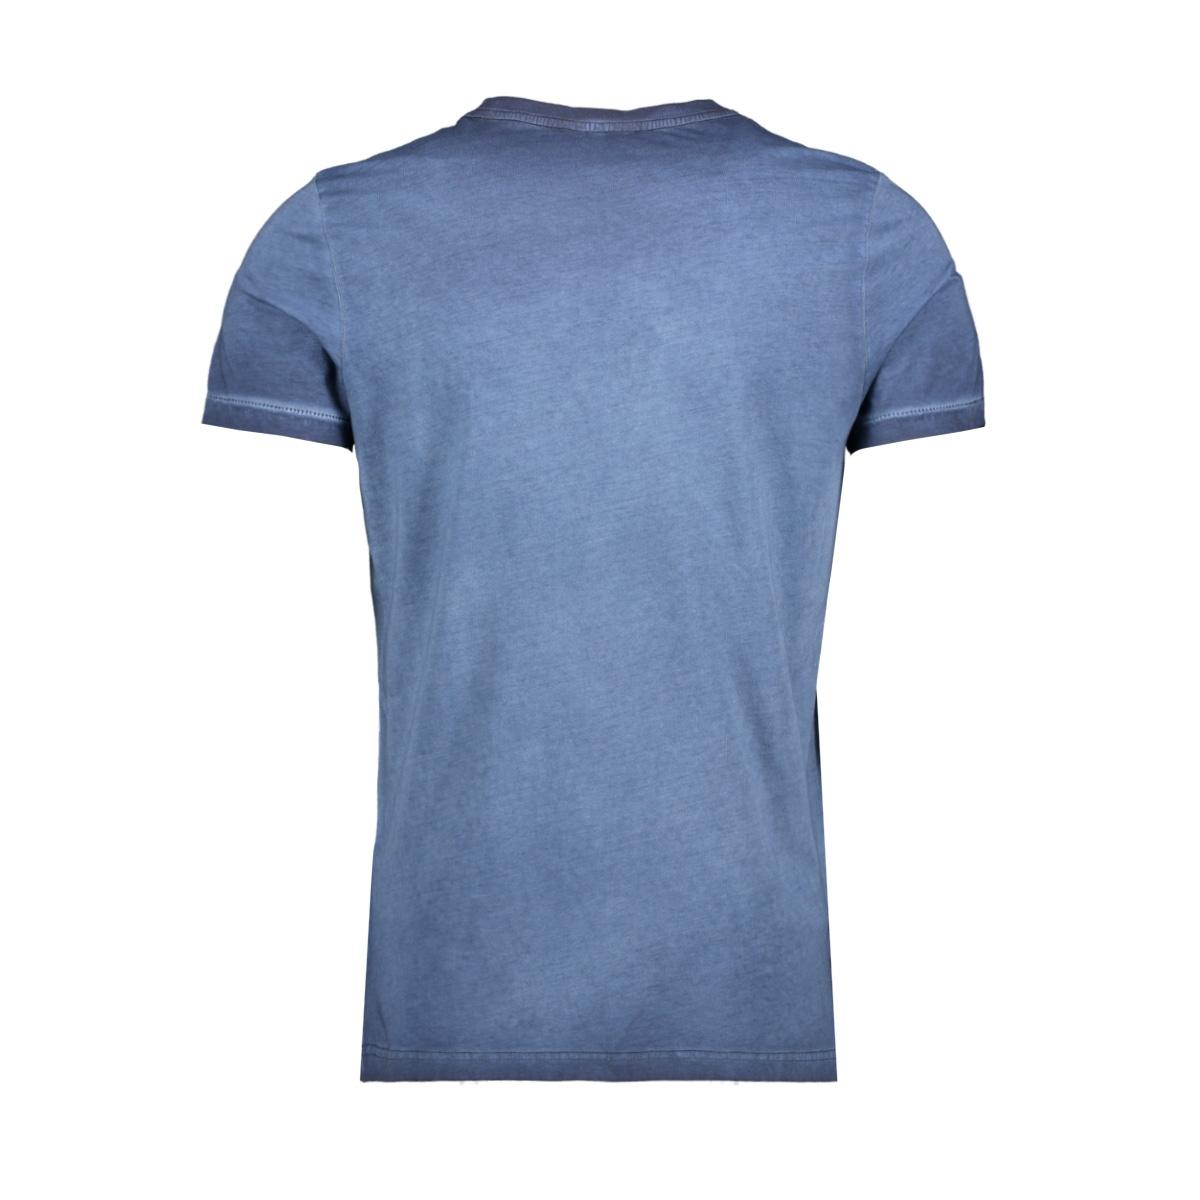 single jersey cold dye ptss201553 pme legend t-shirt 5287